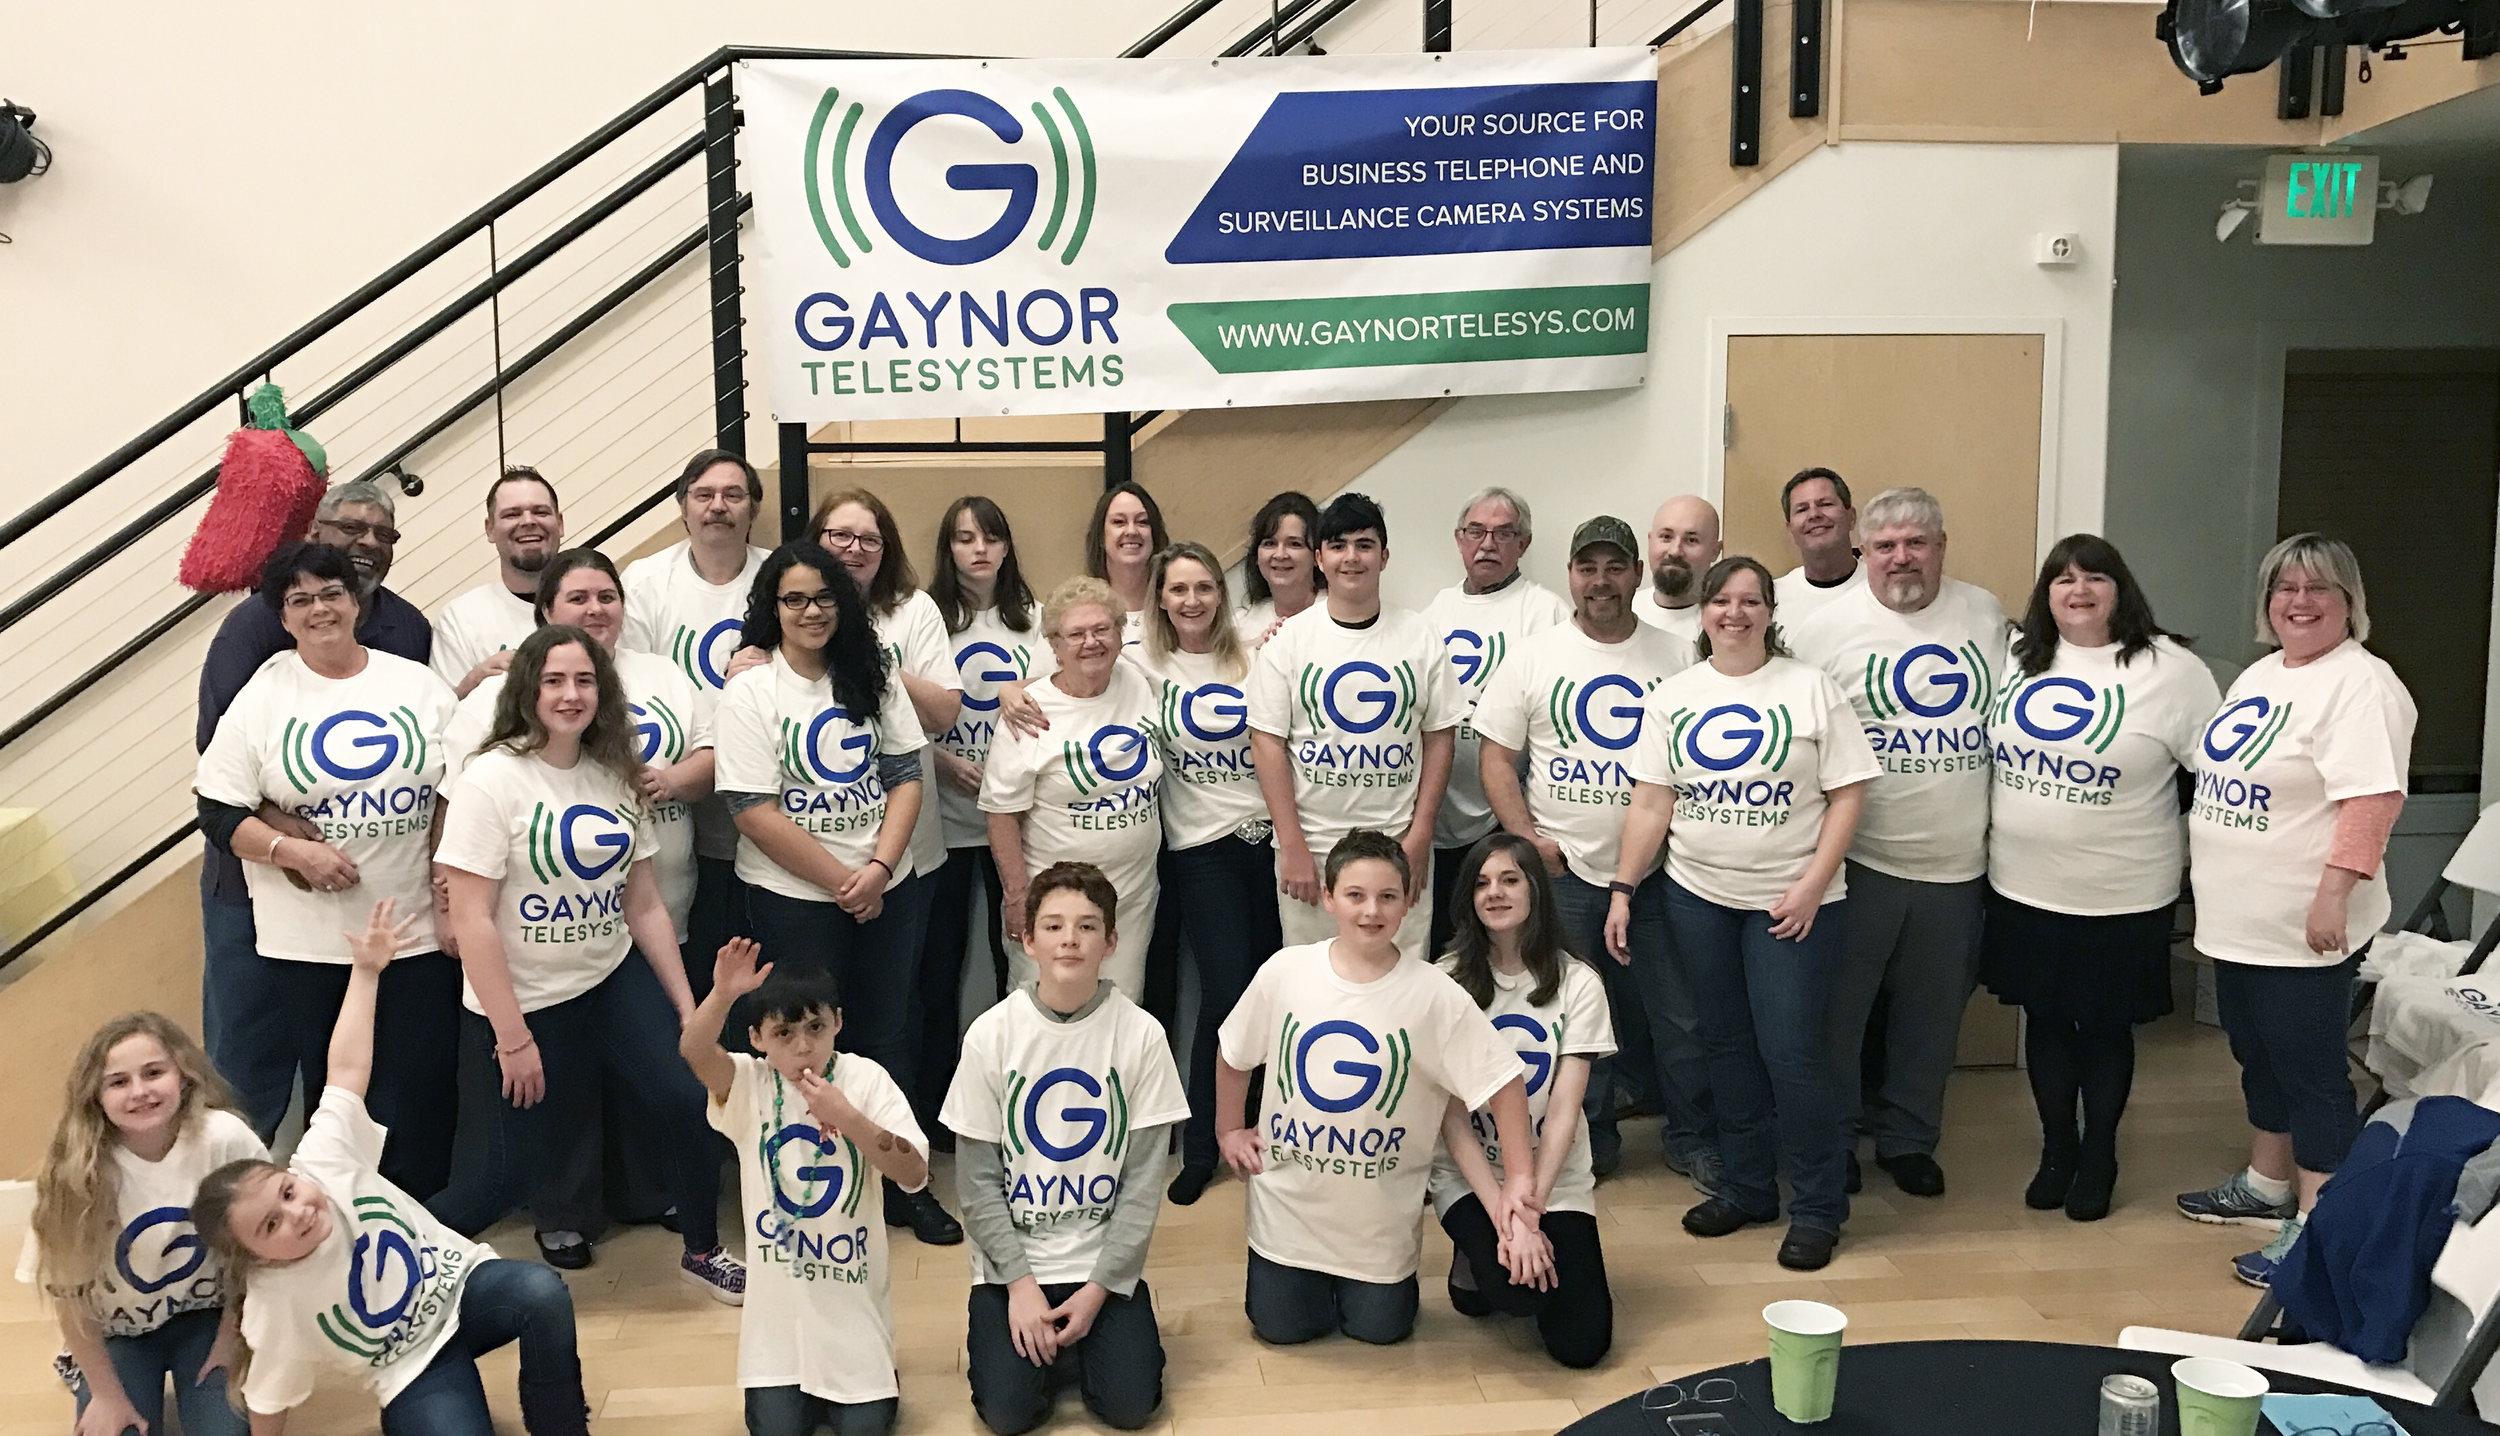 Gaynor team